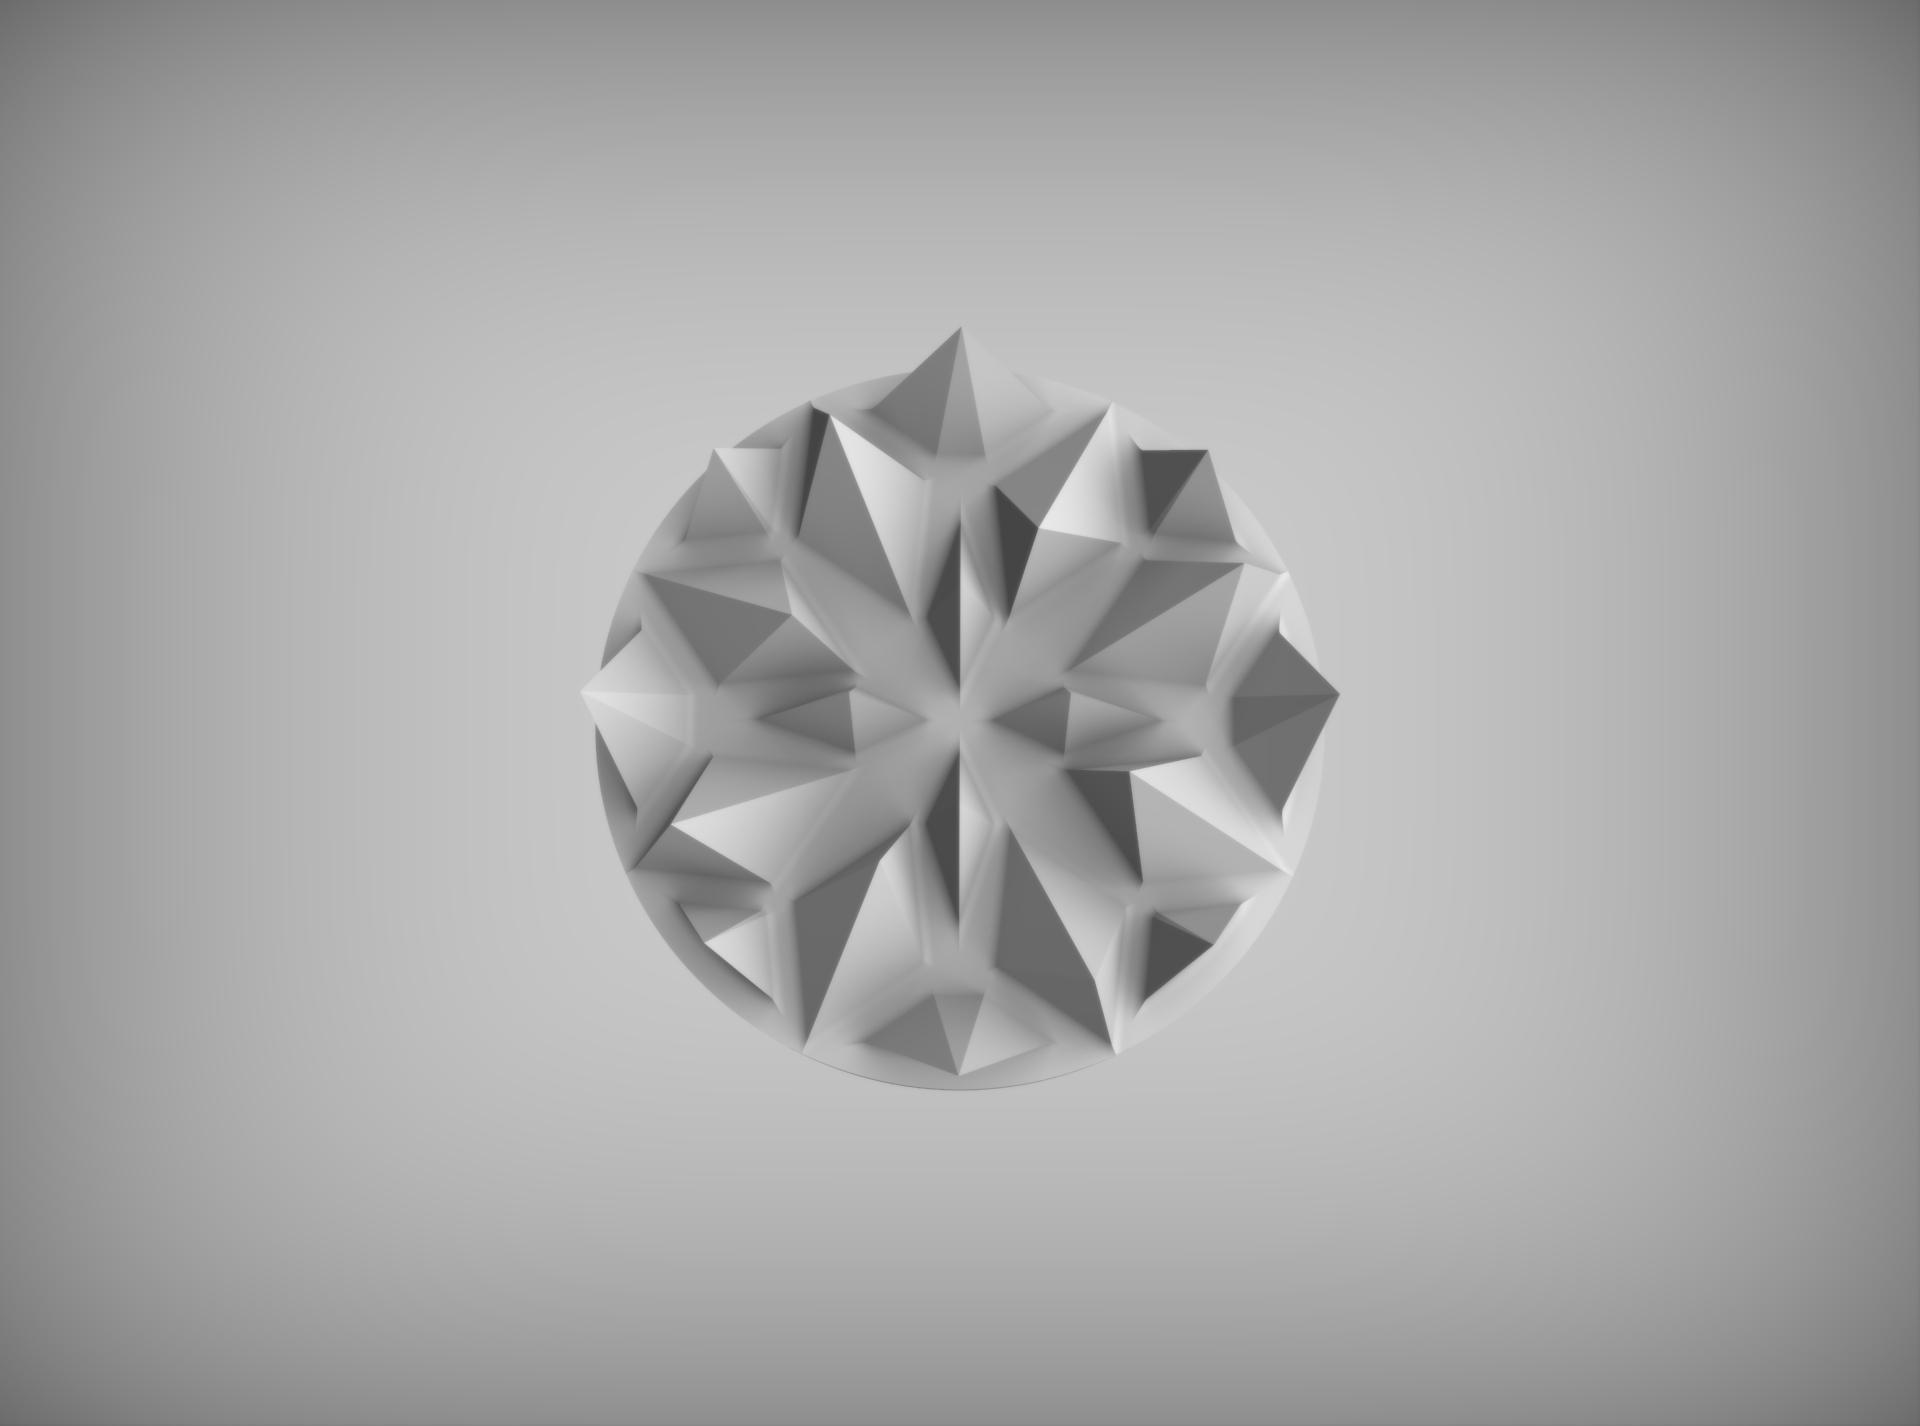 Сделать 3D модель массажного элемента формат STP/UG фото f_9975d28f0cc51898.jpg